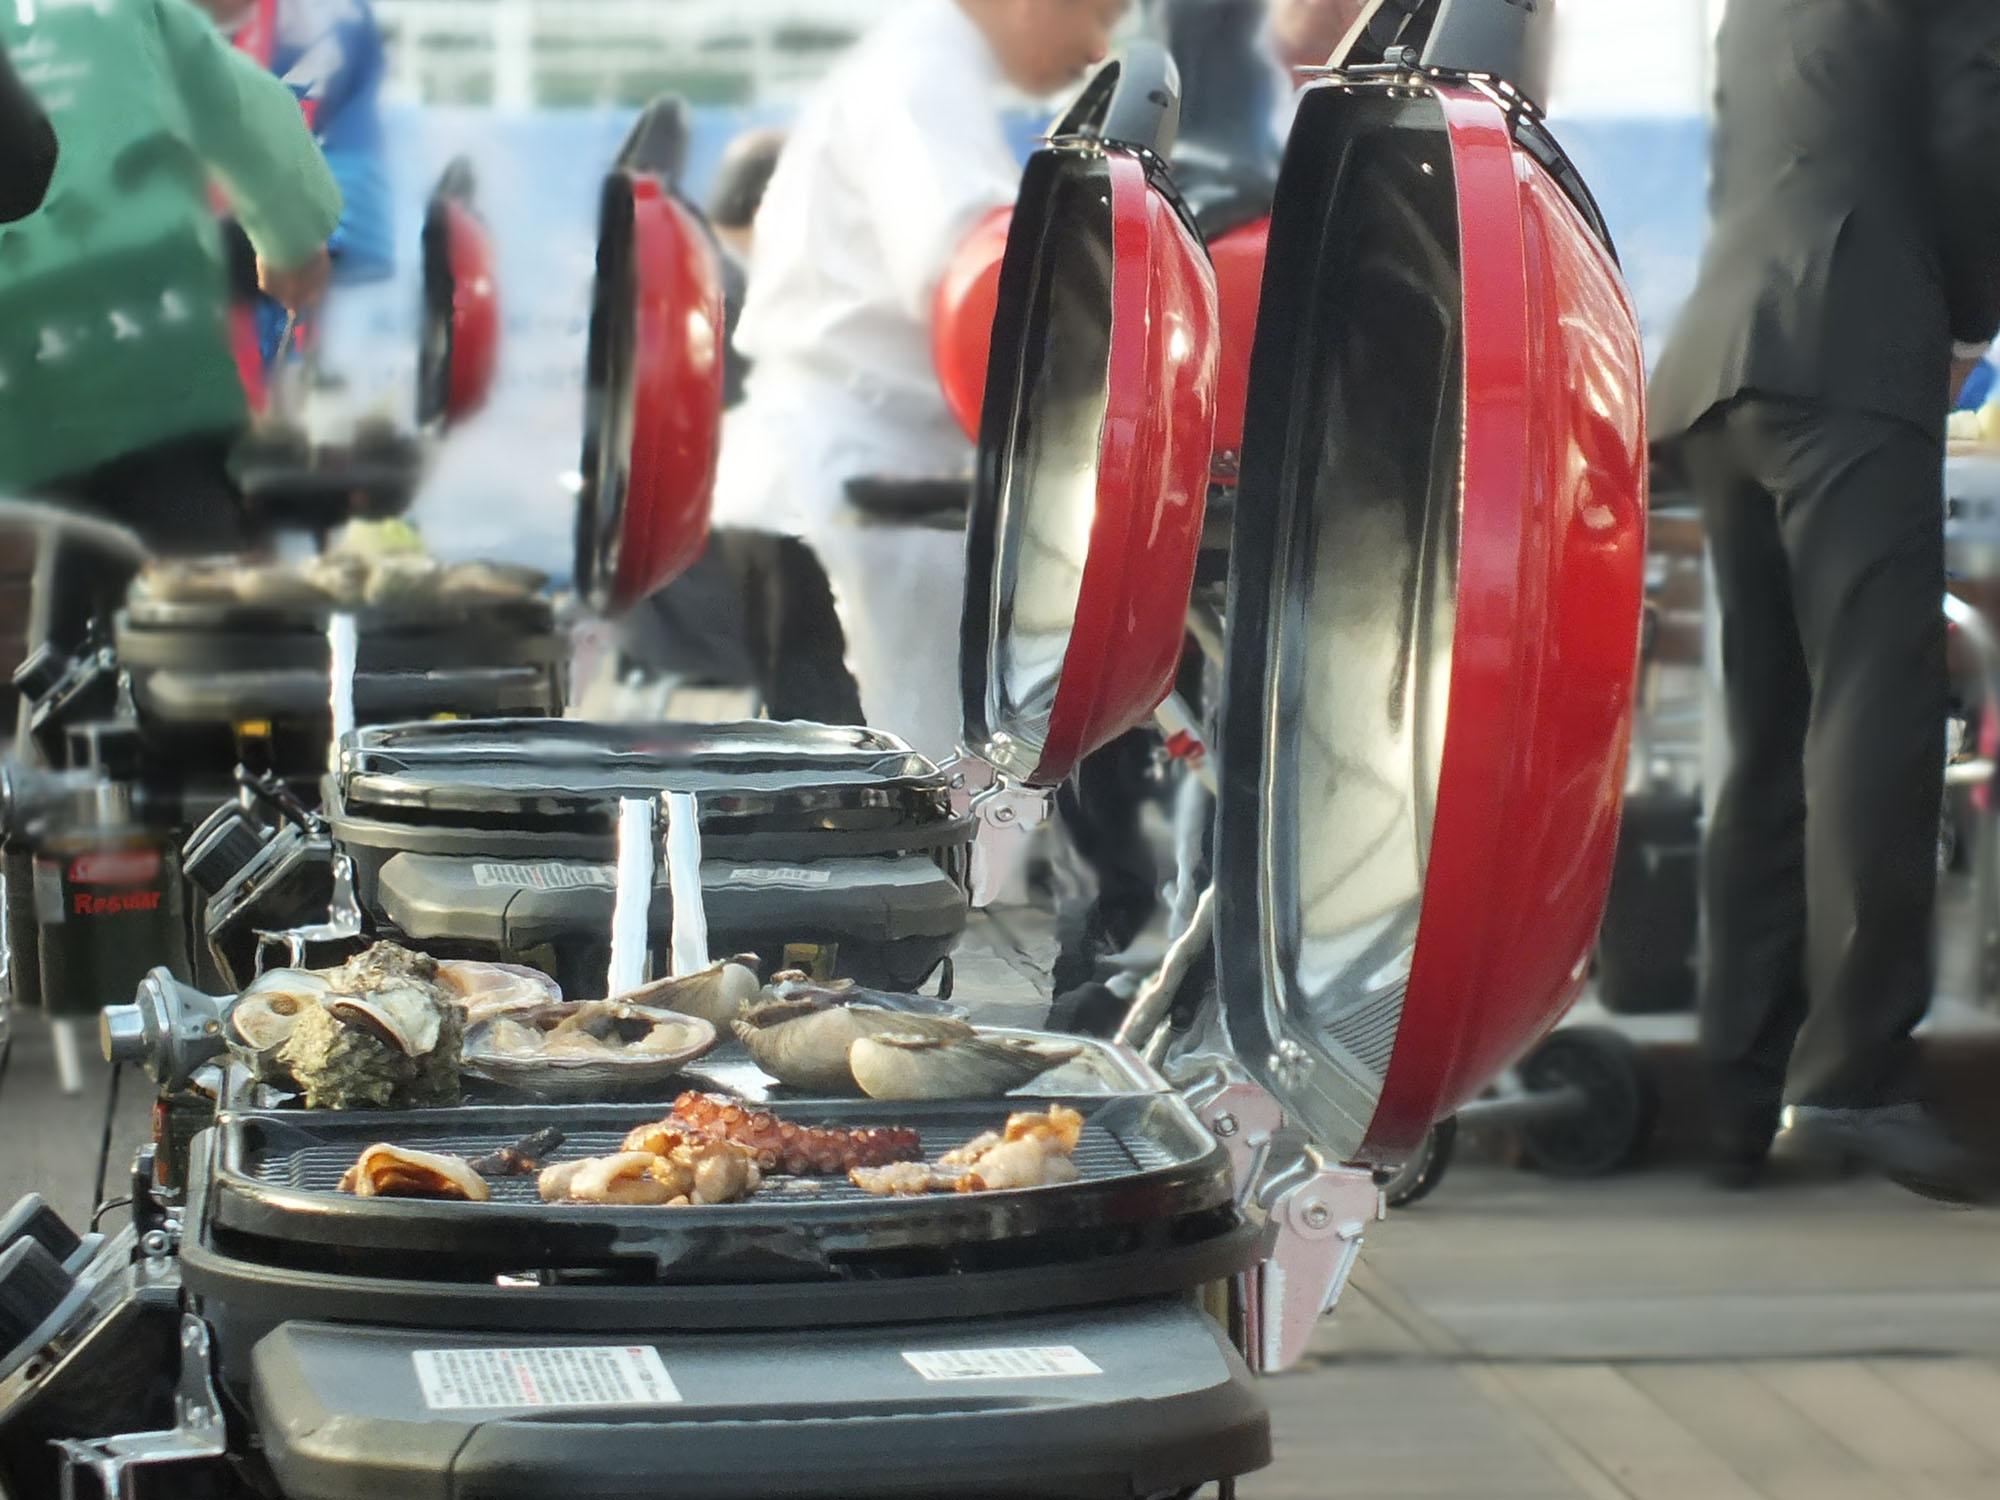 知多の新鮮な食材を楽しめる!名鉄グランドホテル屋上のBBQビアガーデン - sub1 2